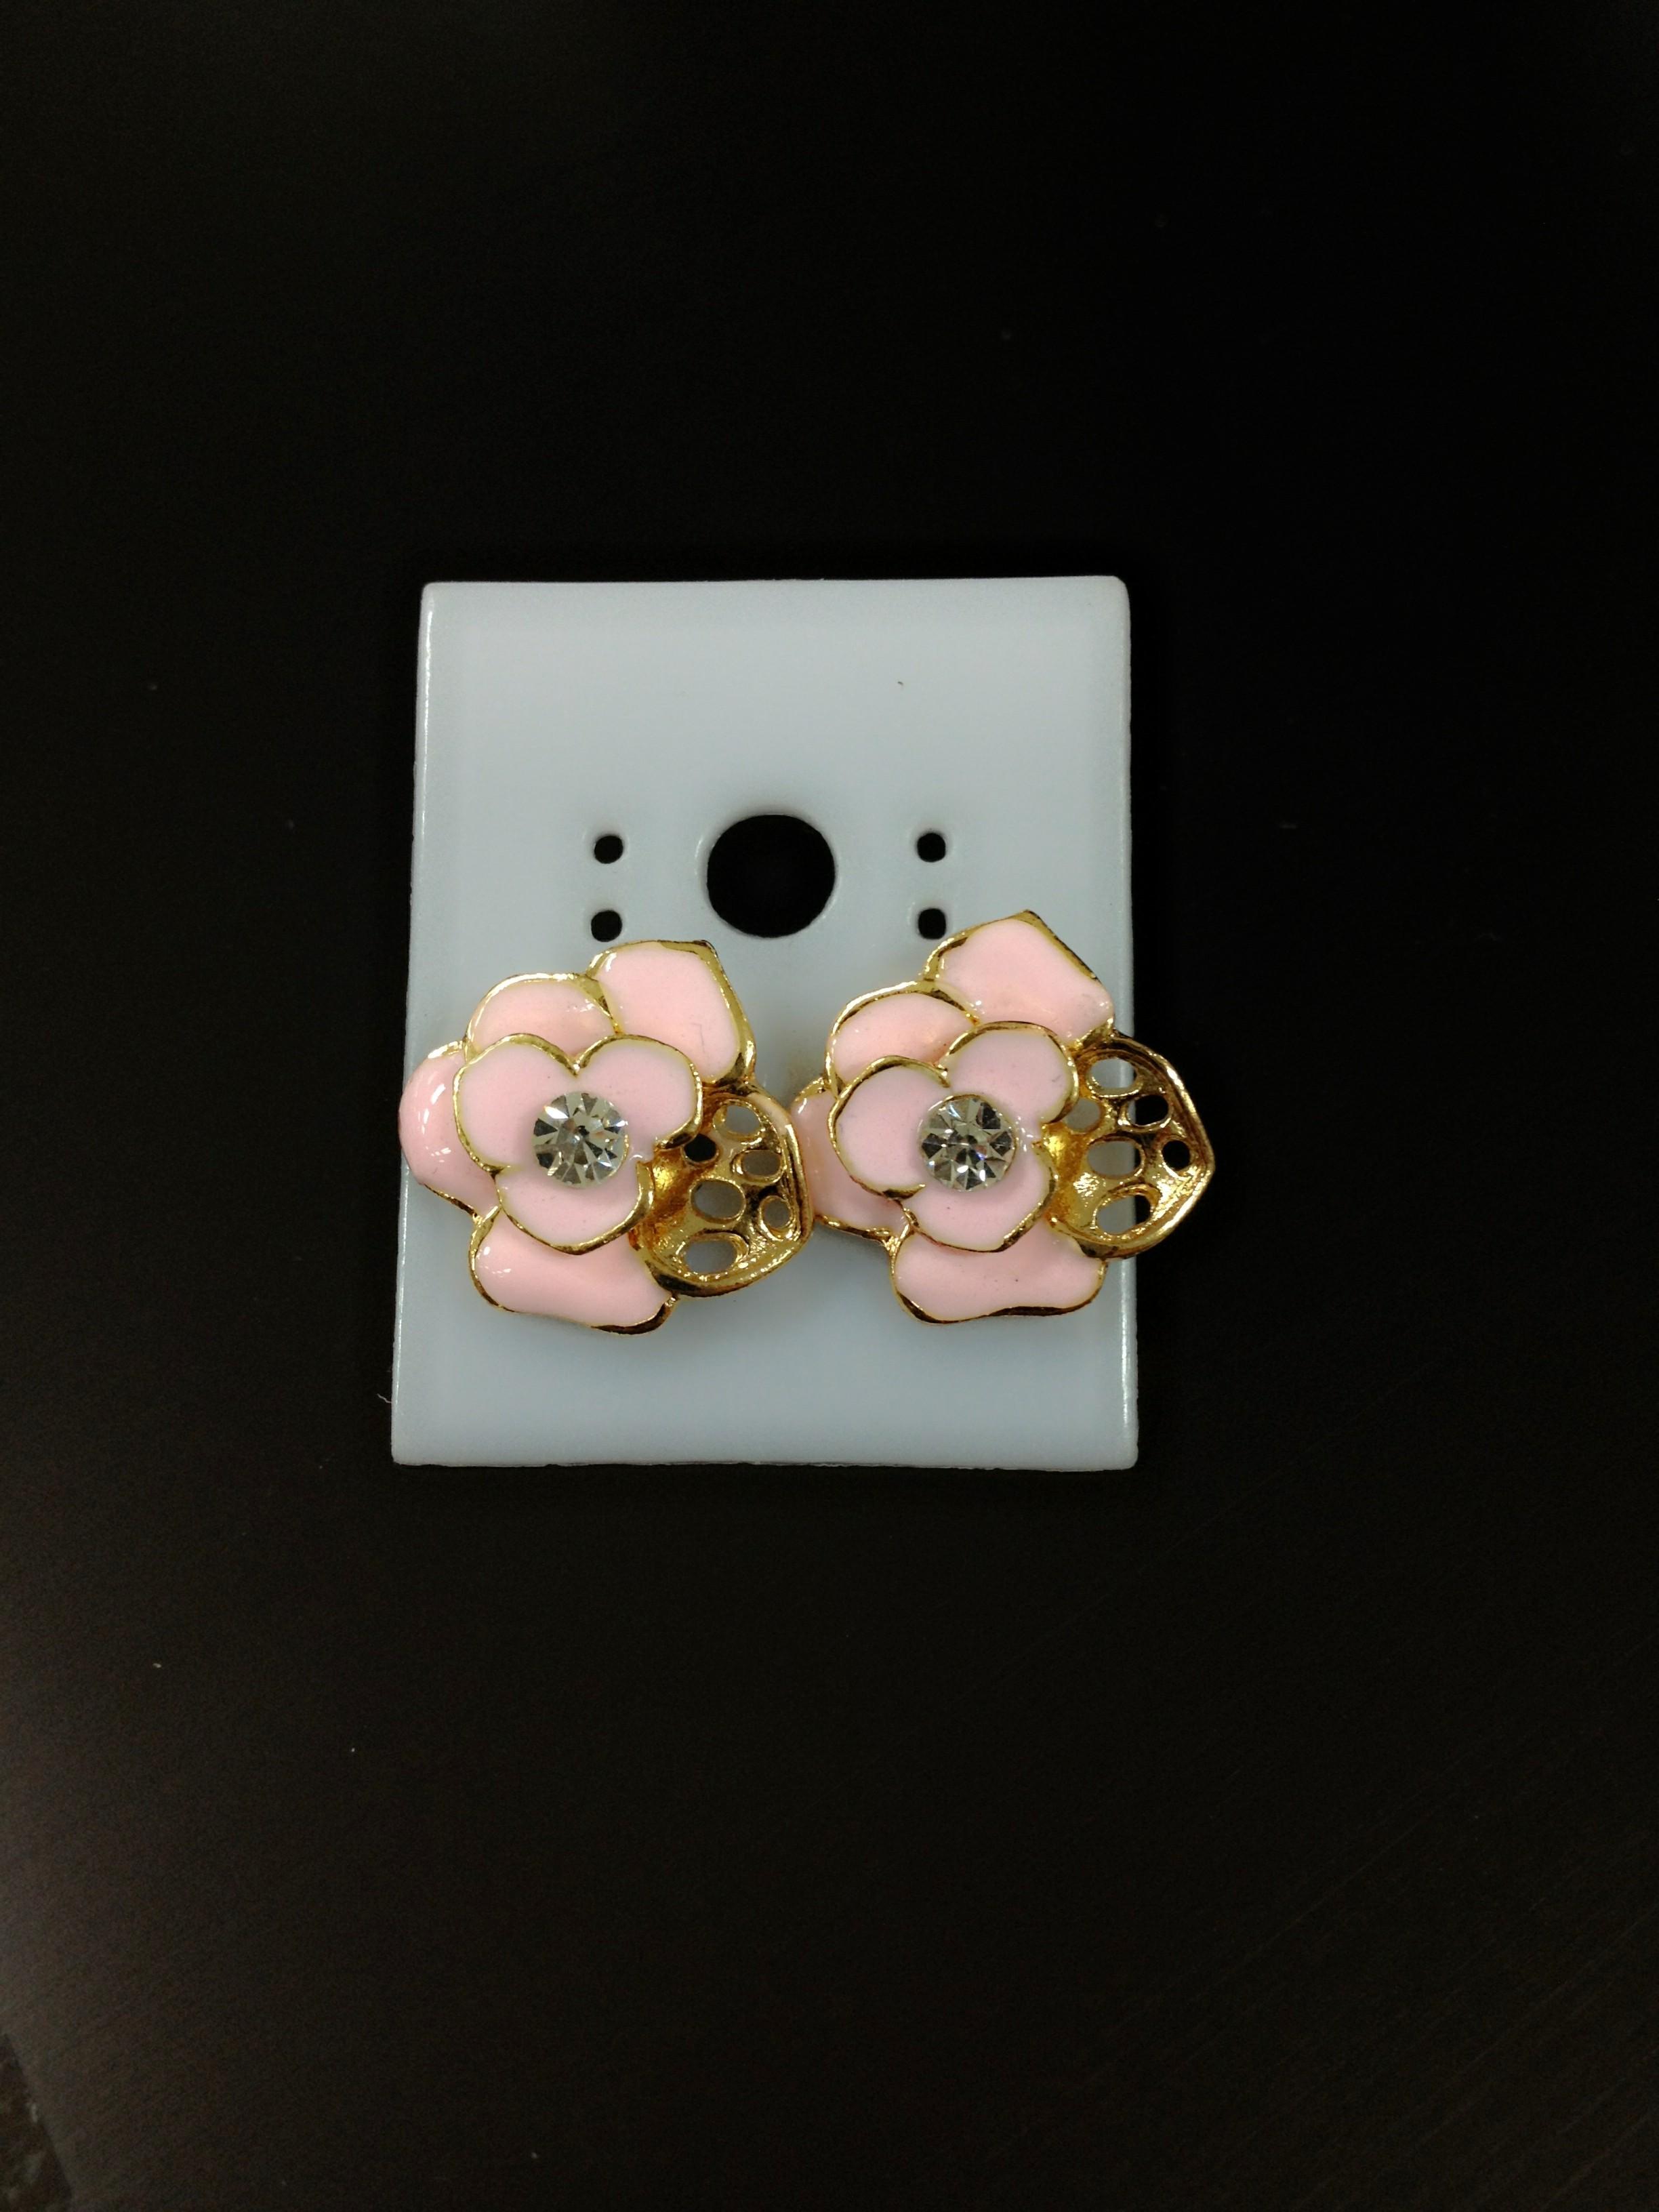 ต่างหูรูปดอกกุหลาบ สีชมพู